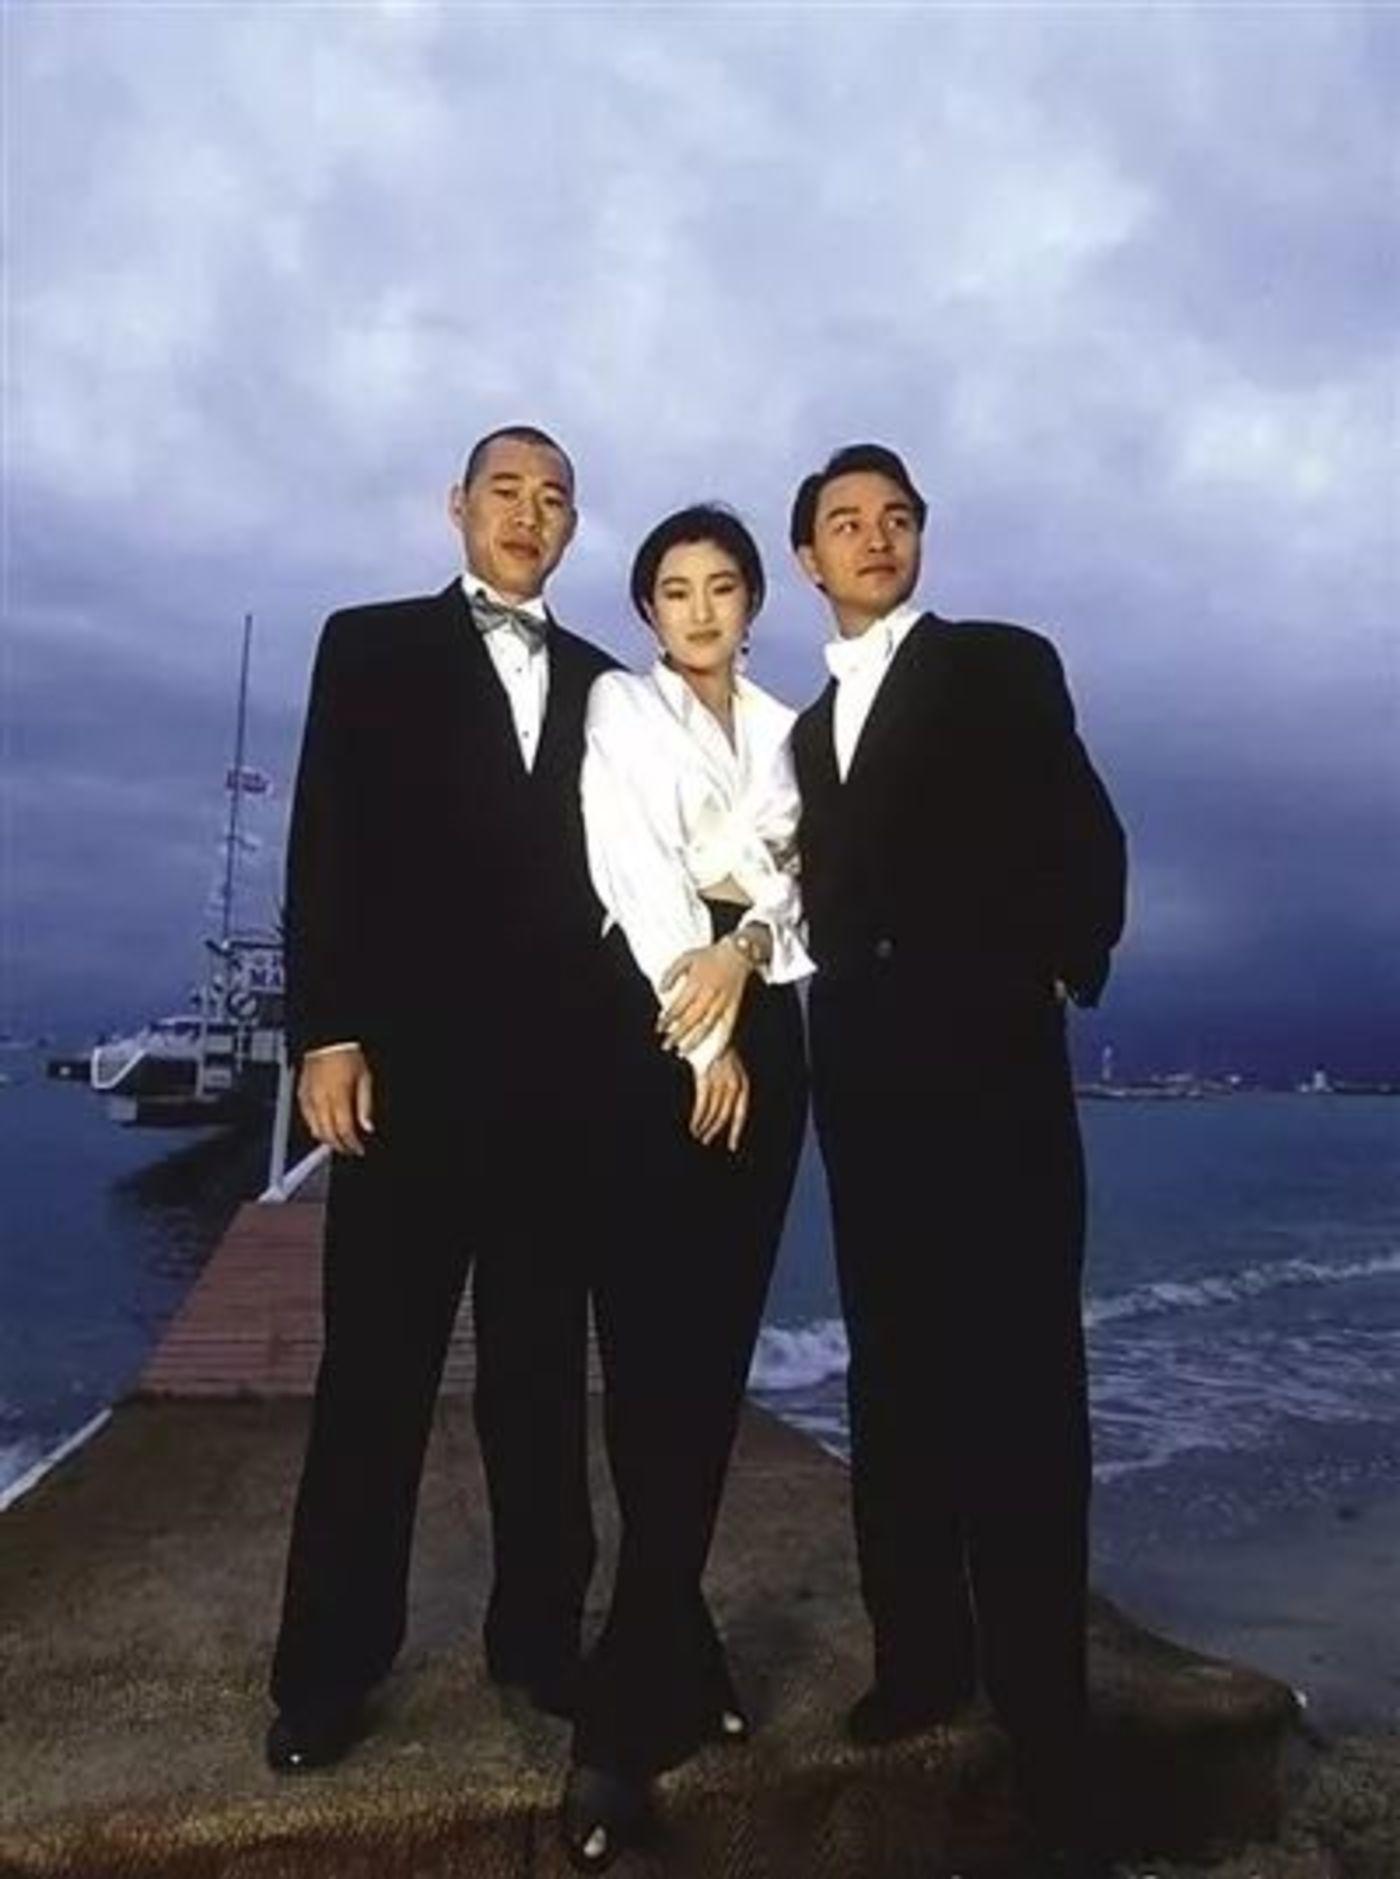 华语电影的海外版权,不如当年好卖了